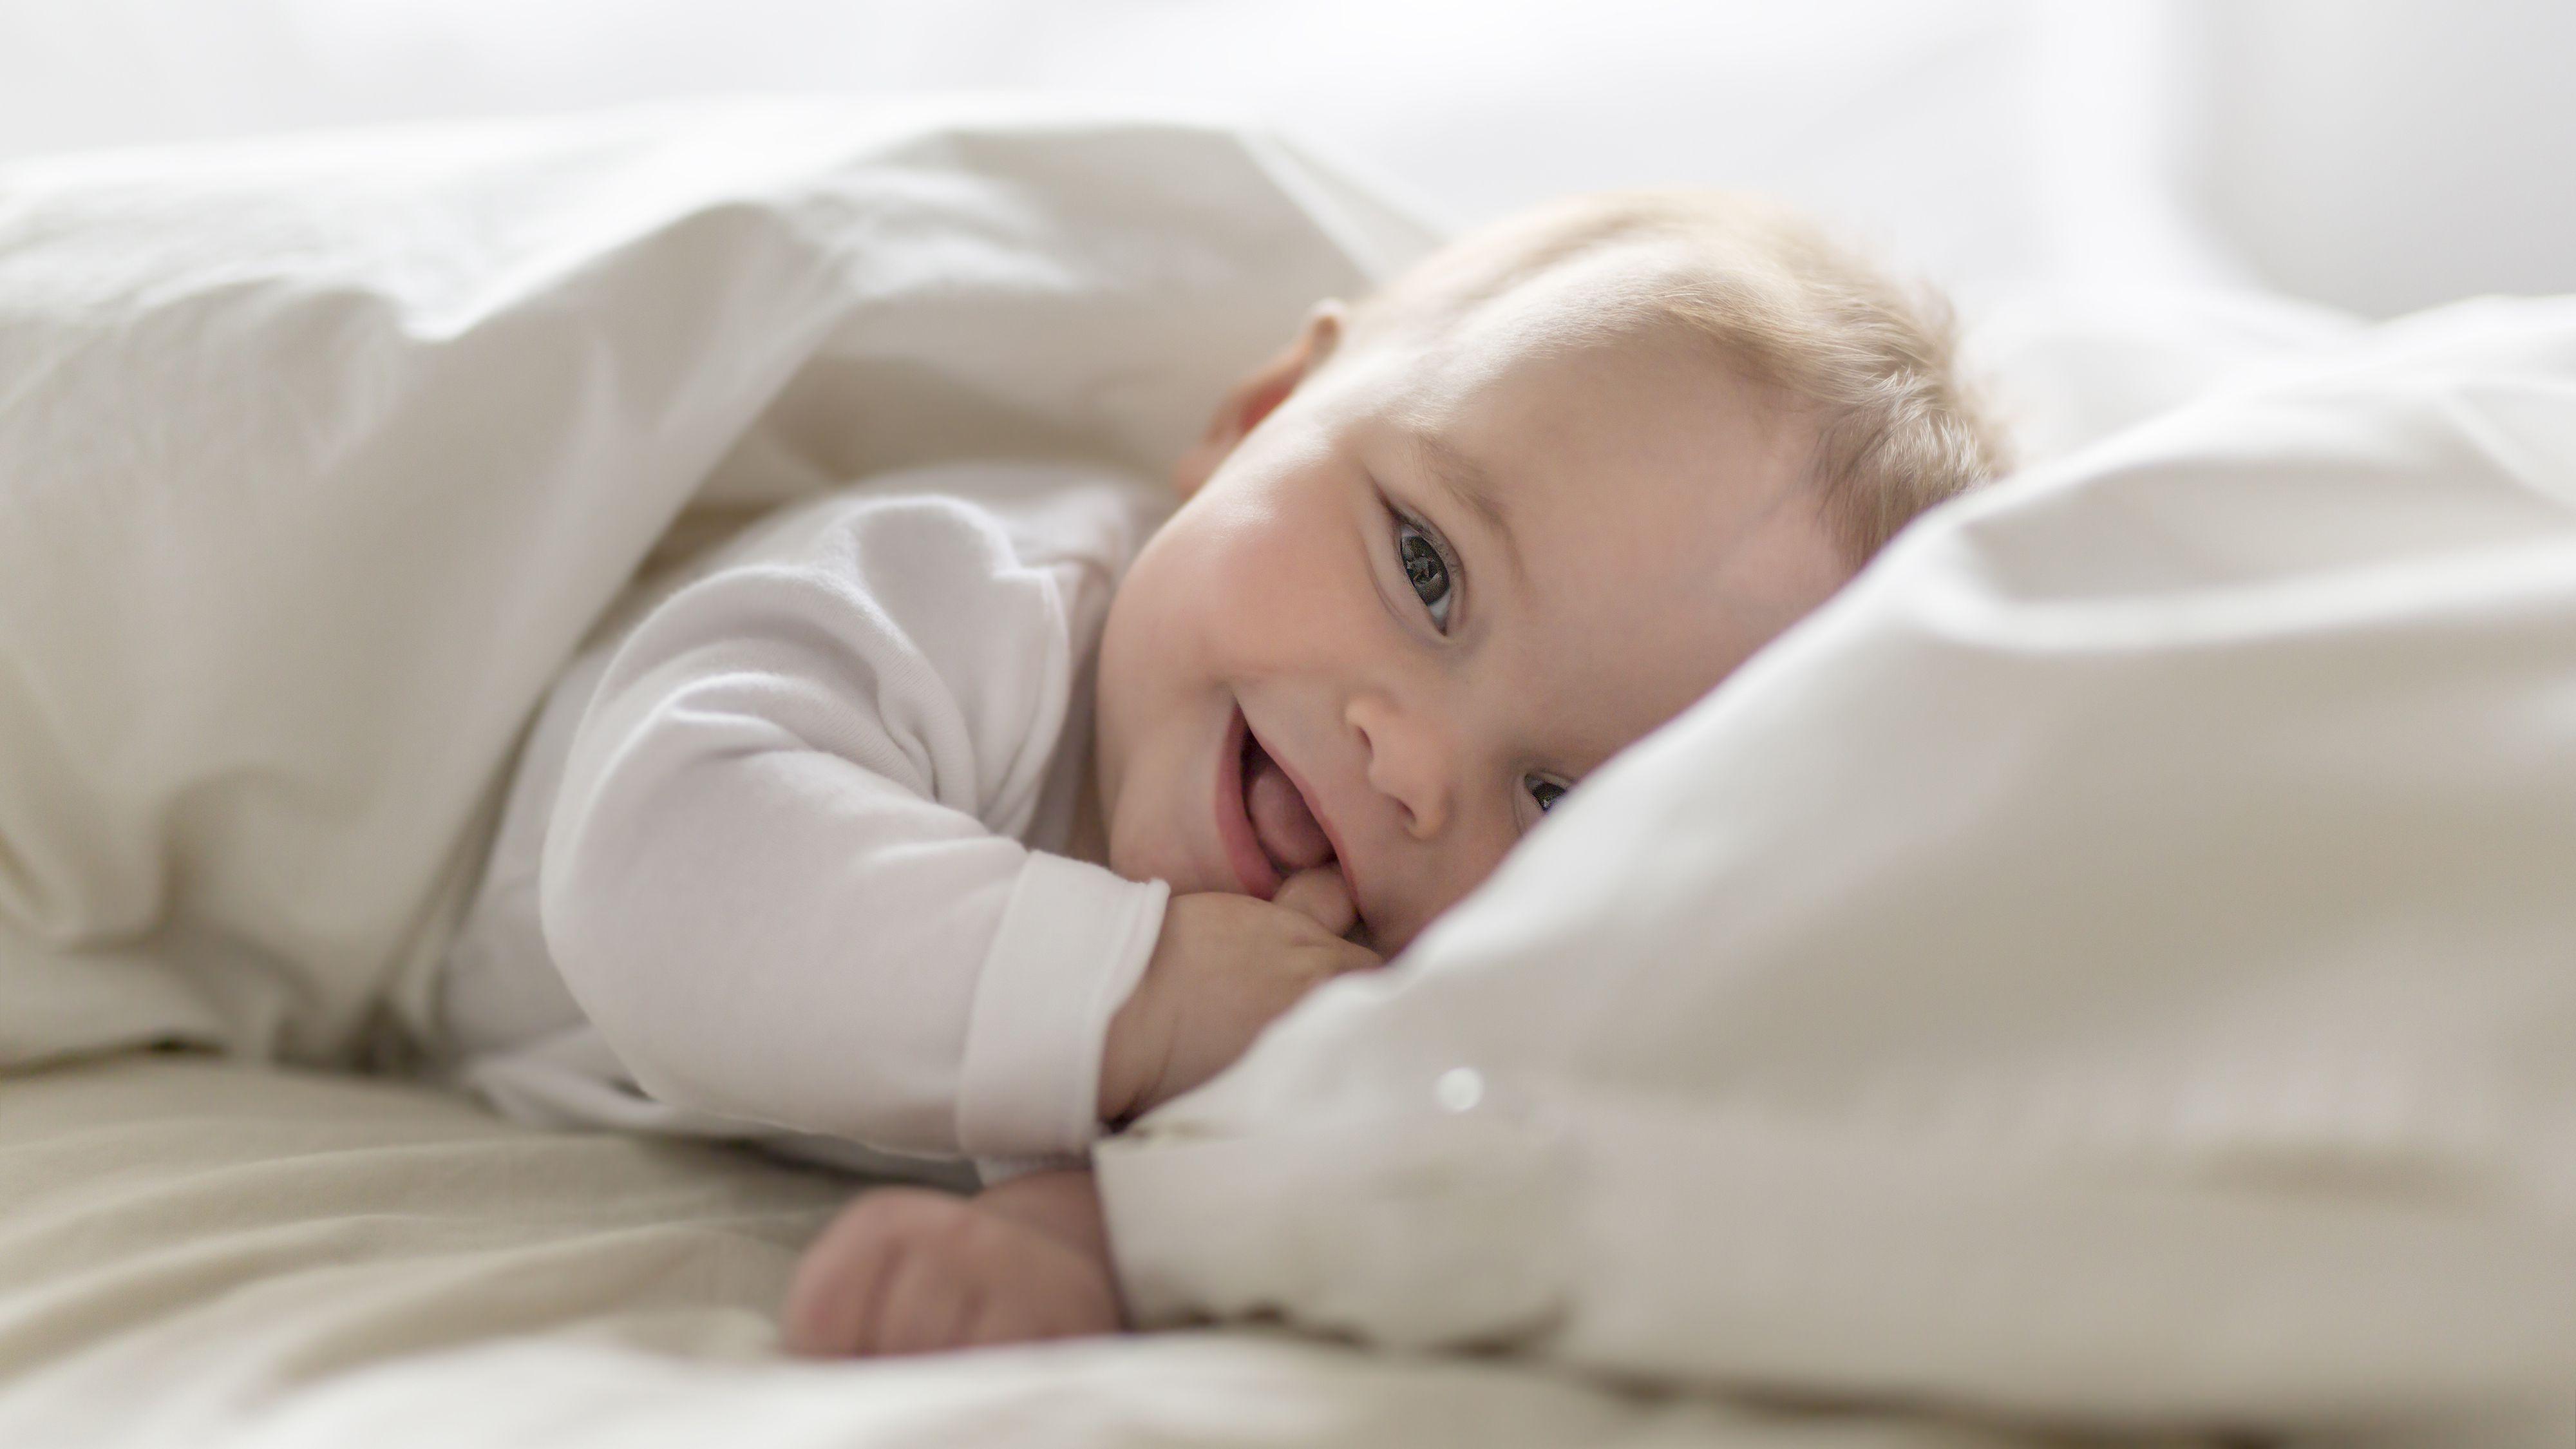 Una de las señales de la enfermedad es la alteración del sueño en los bebes y la sonrisa frecuente (Shutterstock.com)